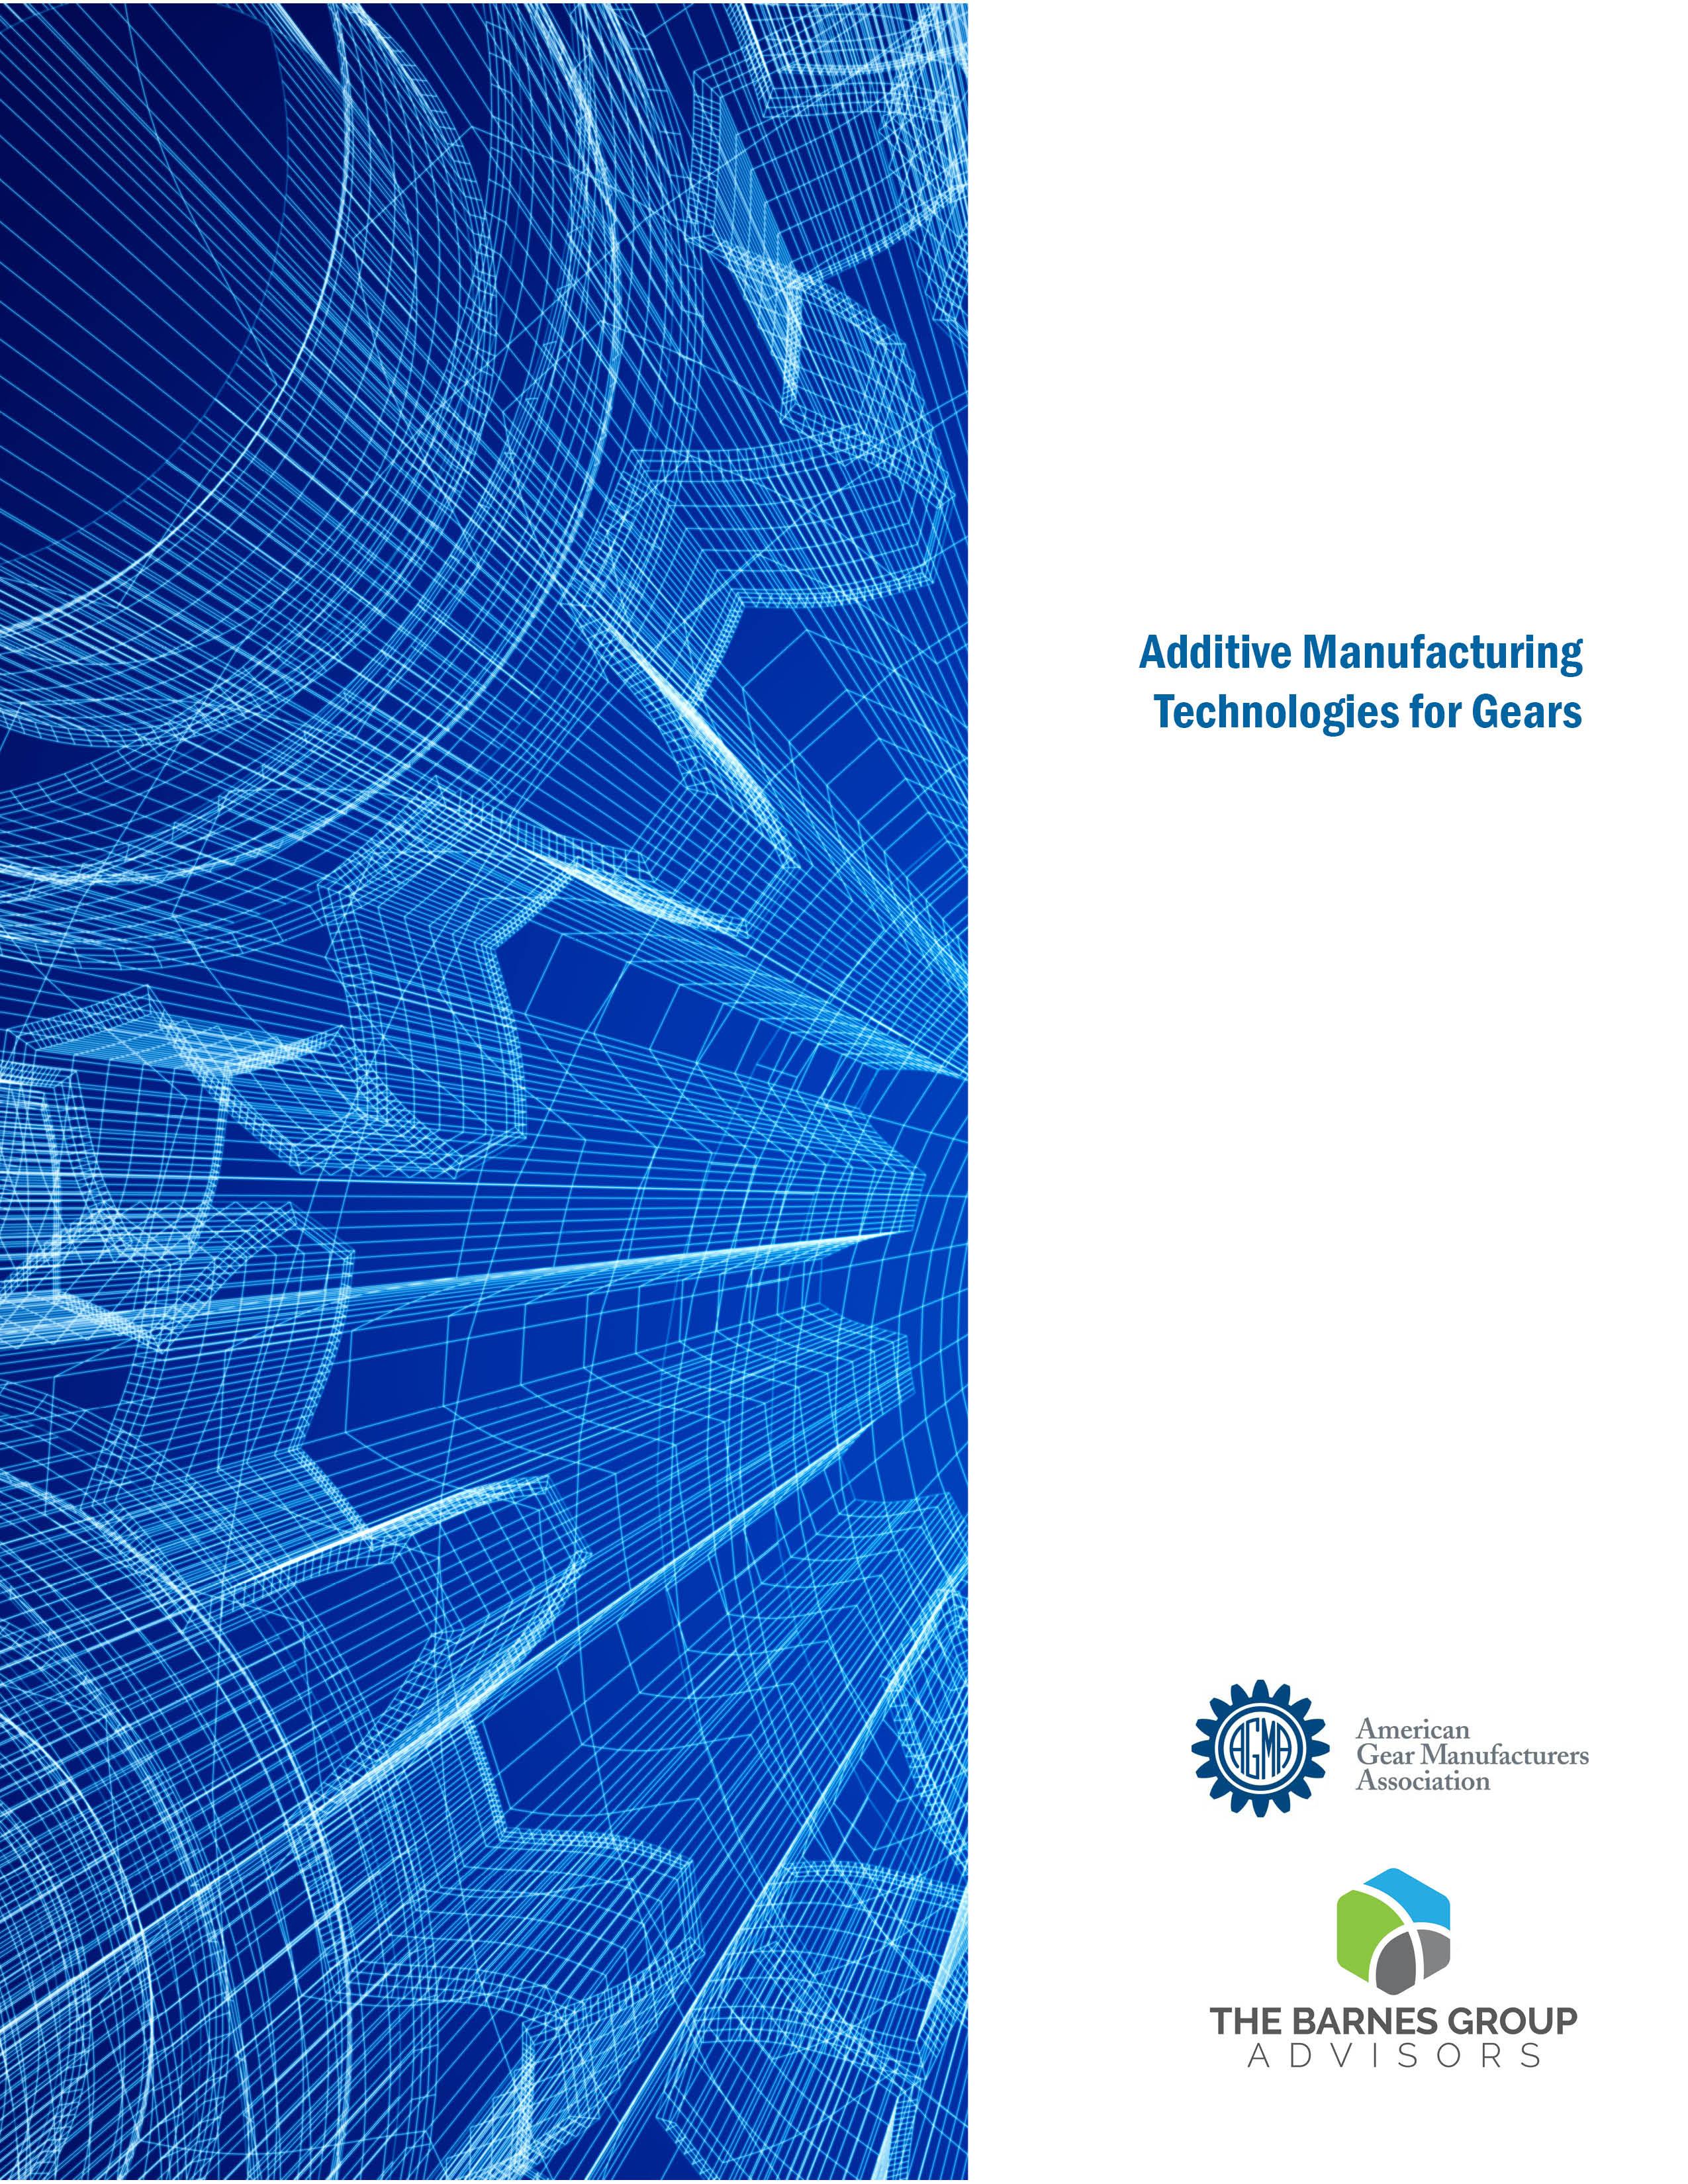 American Gear Manufacturers Association